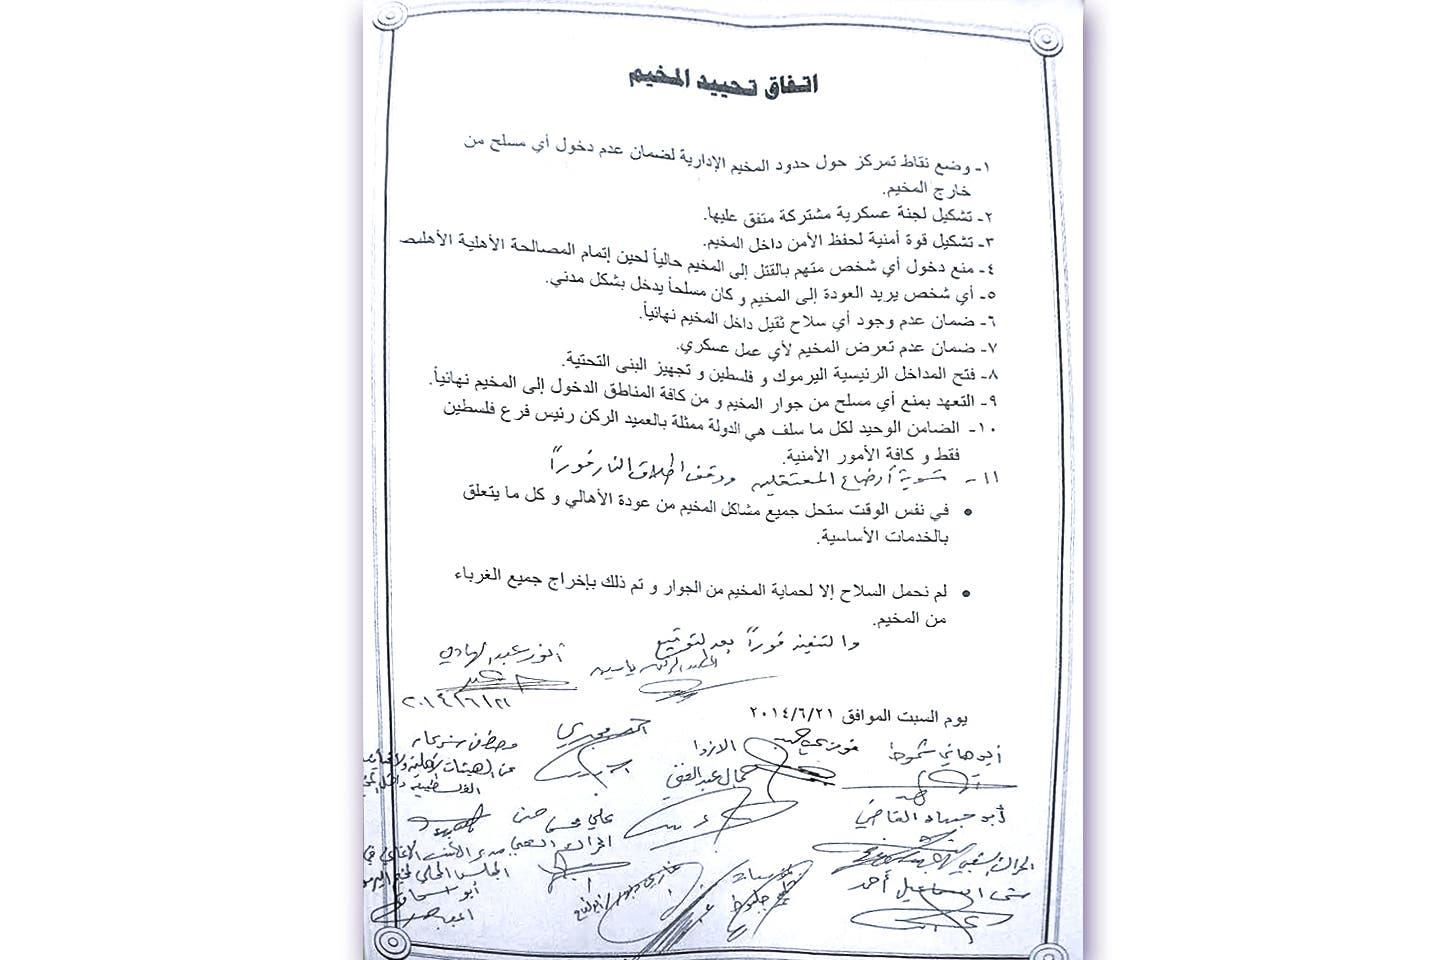 التوقيع على مبادرة تحييد مخيم اليرموك بدمشق